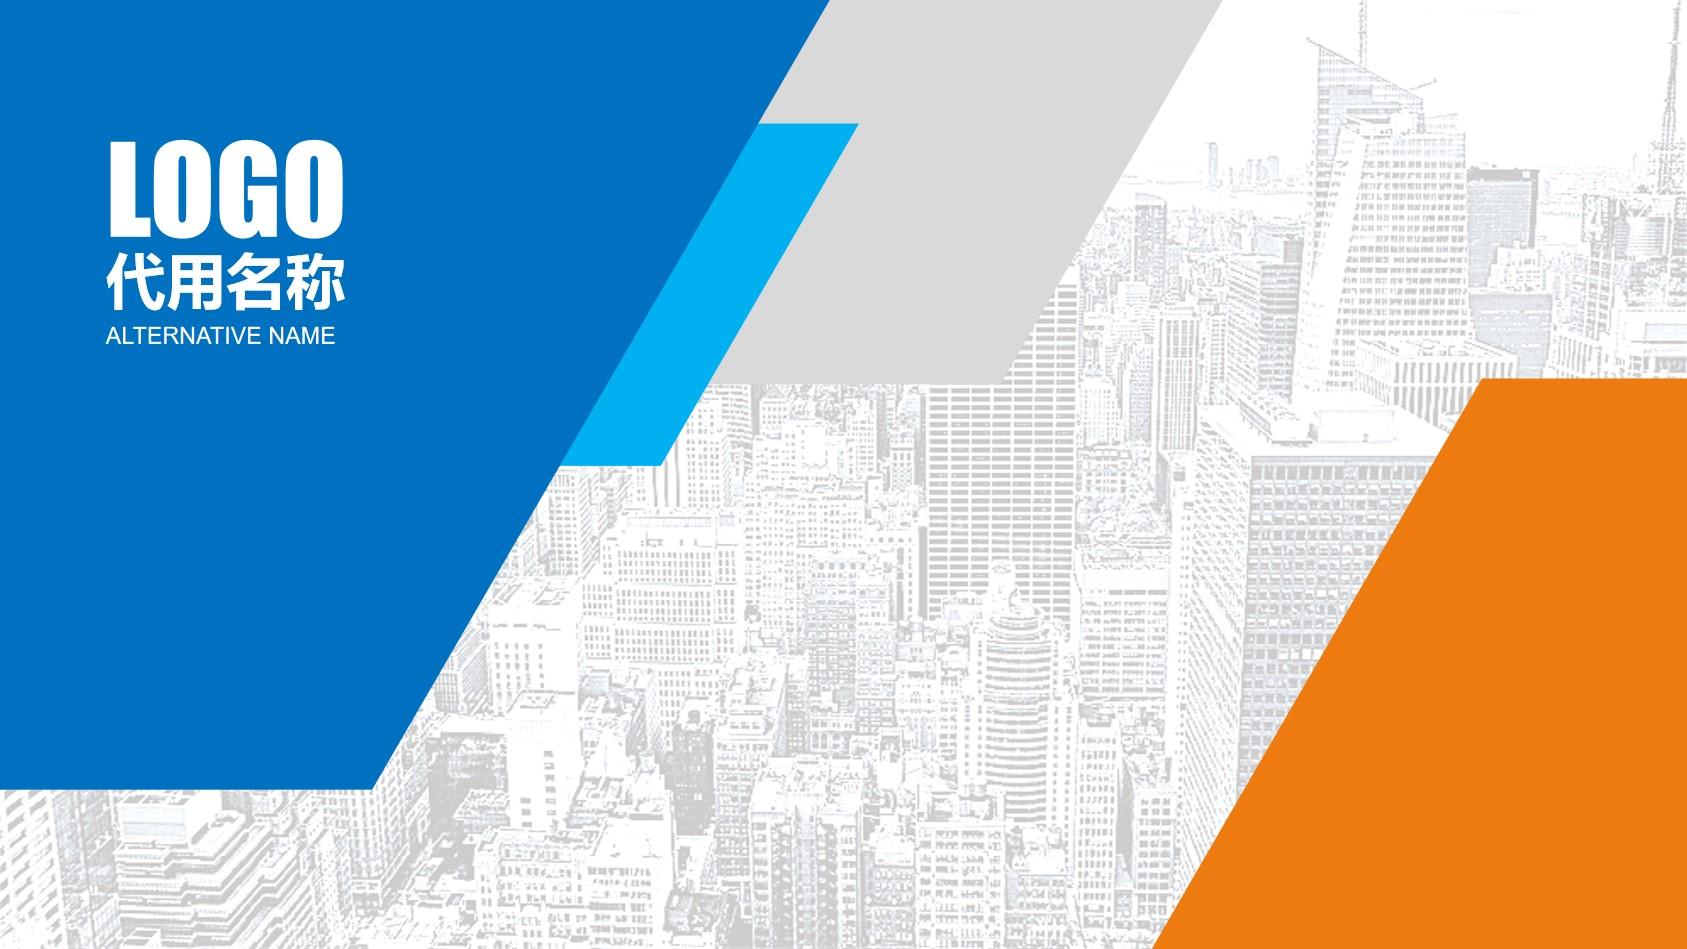 2020工作总结汇报PPT模板 蓝橙交替PPT模板